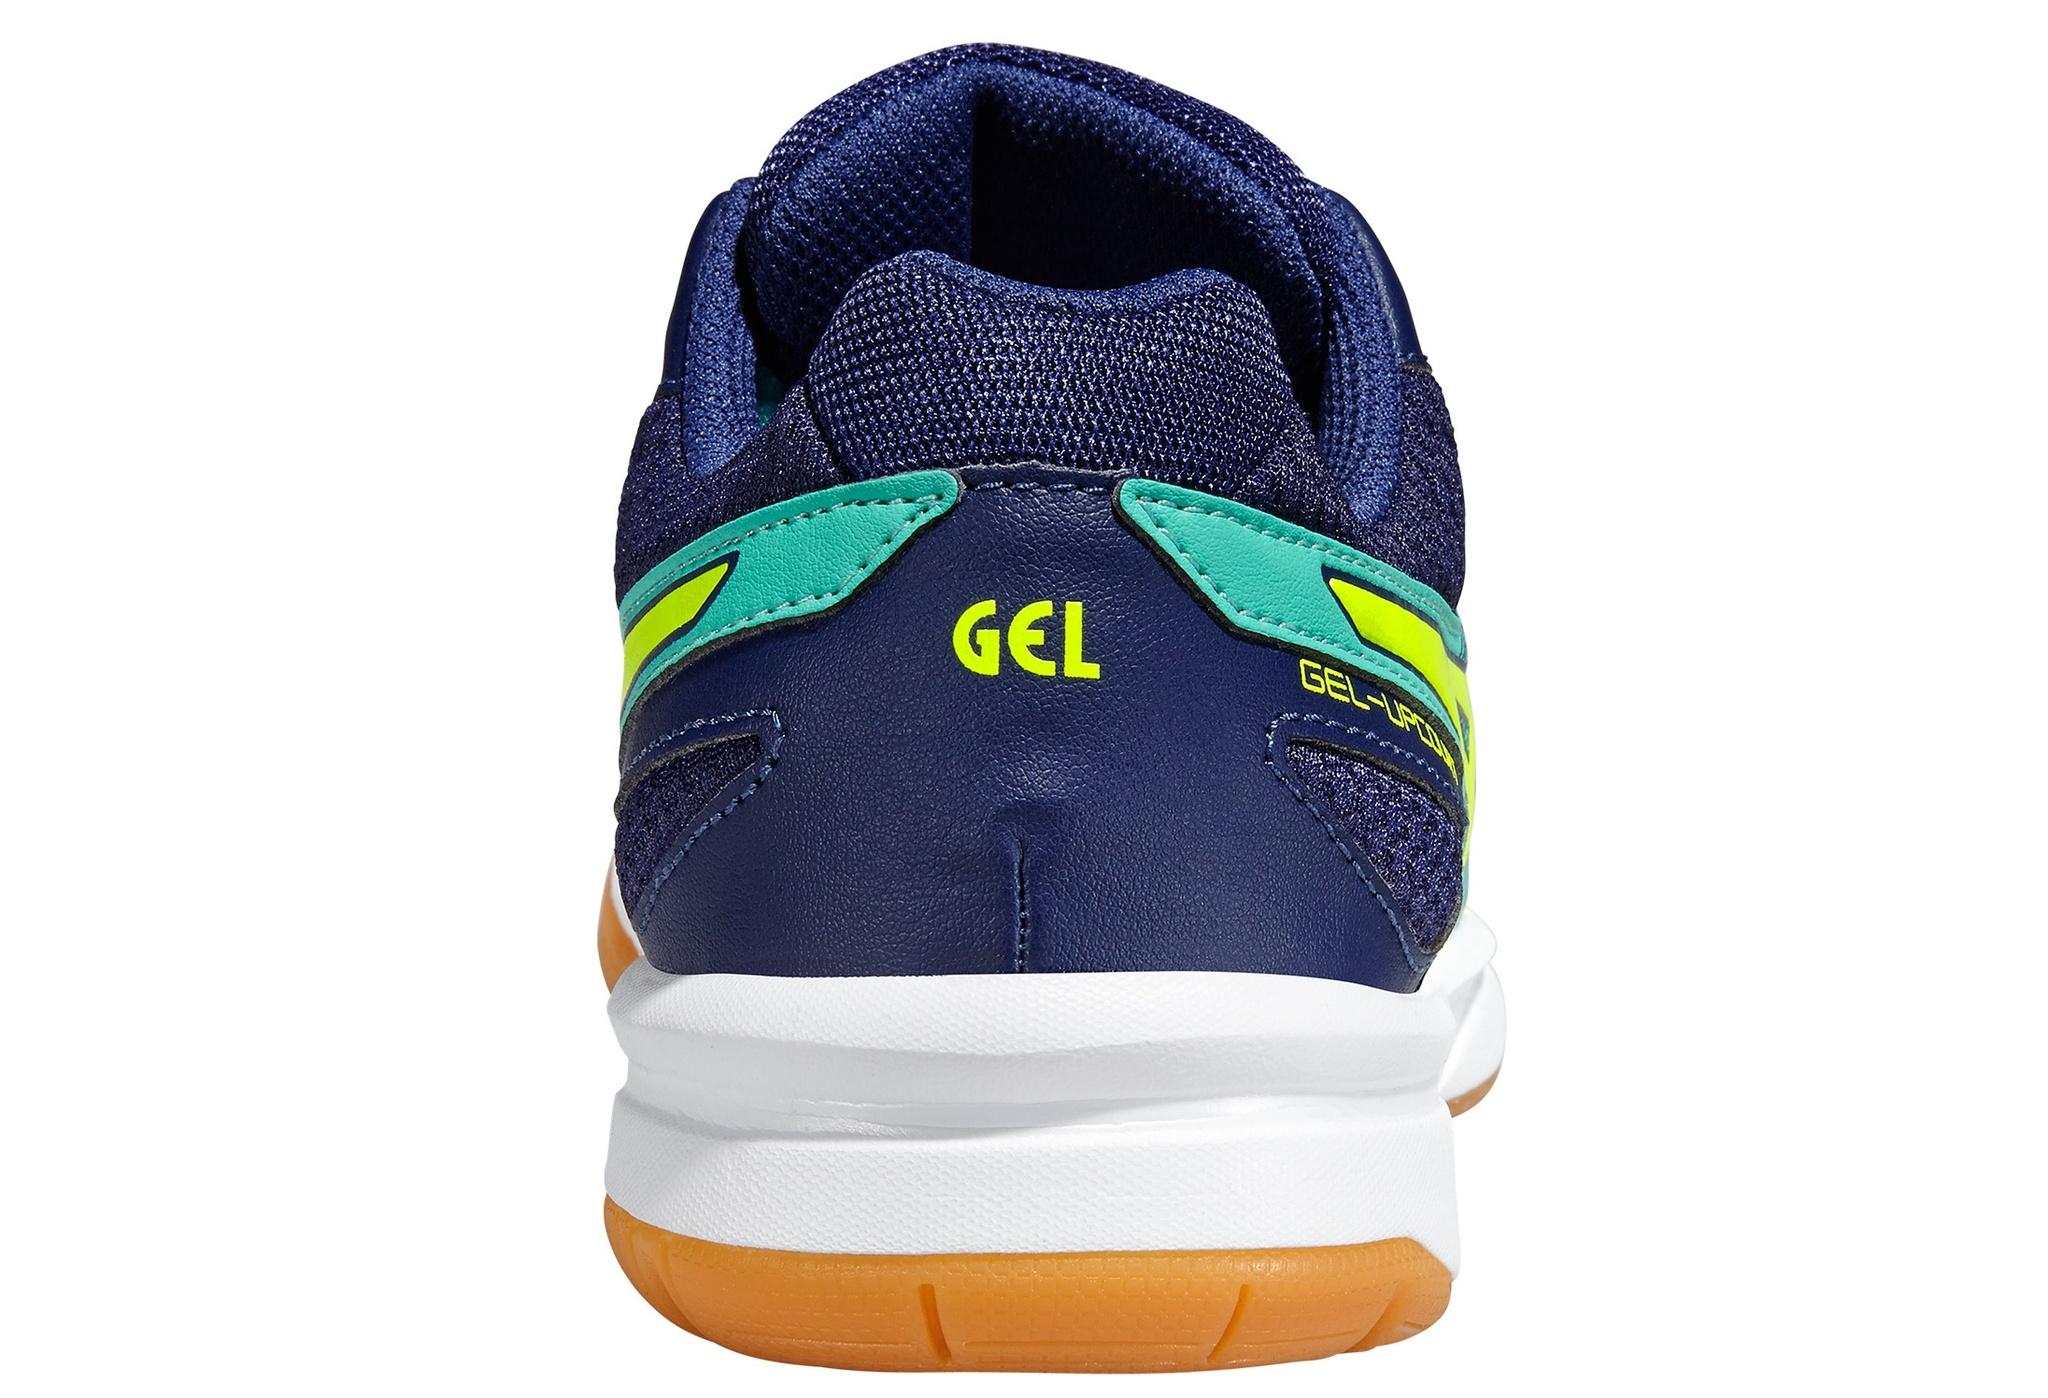 Женские волейбольные кроссовки Асикс Gel-Upcourt (B450N 7007) бирюзовые фото